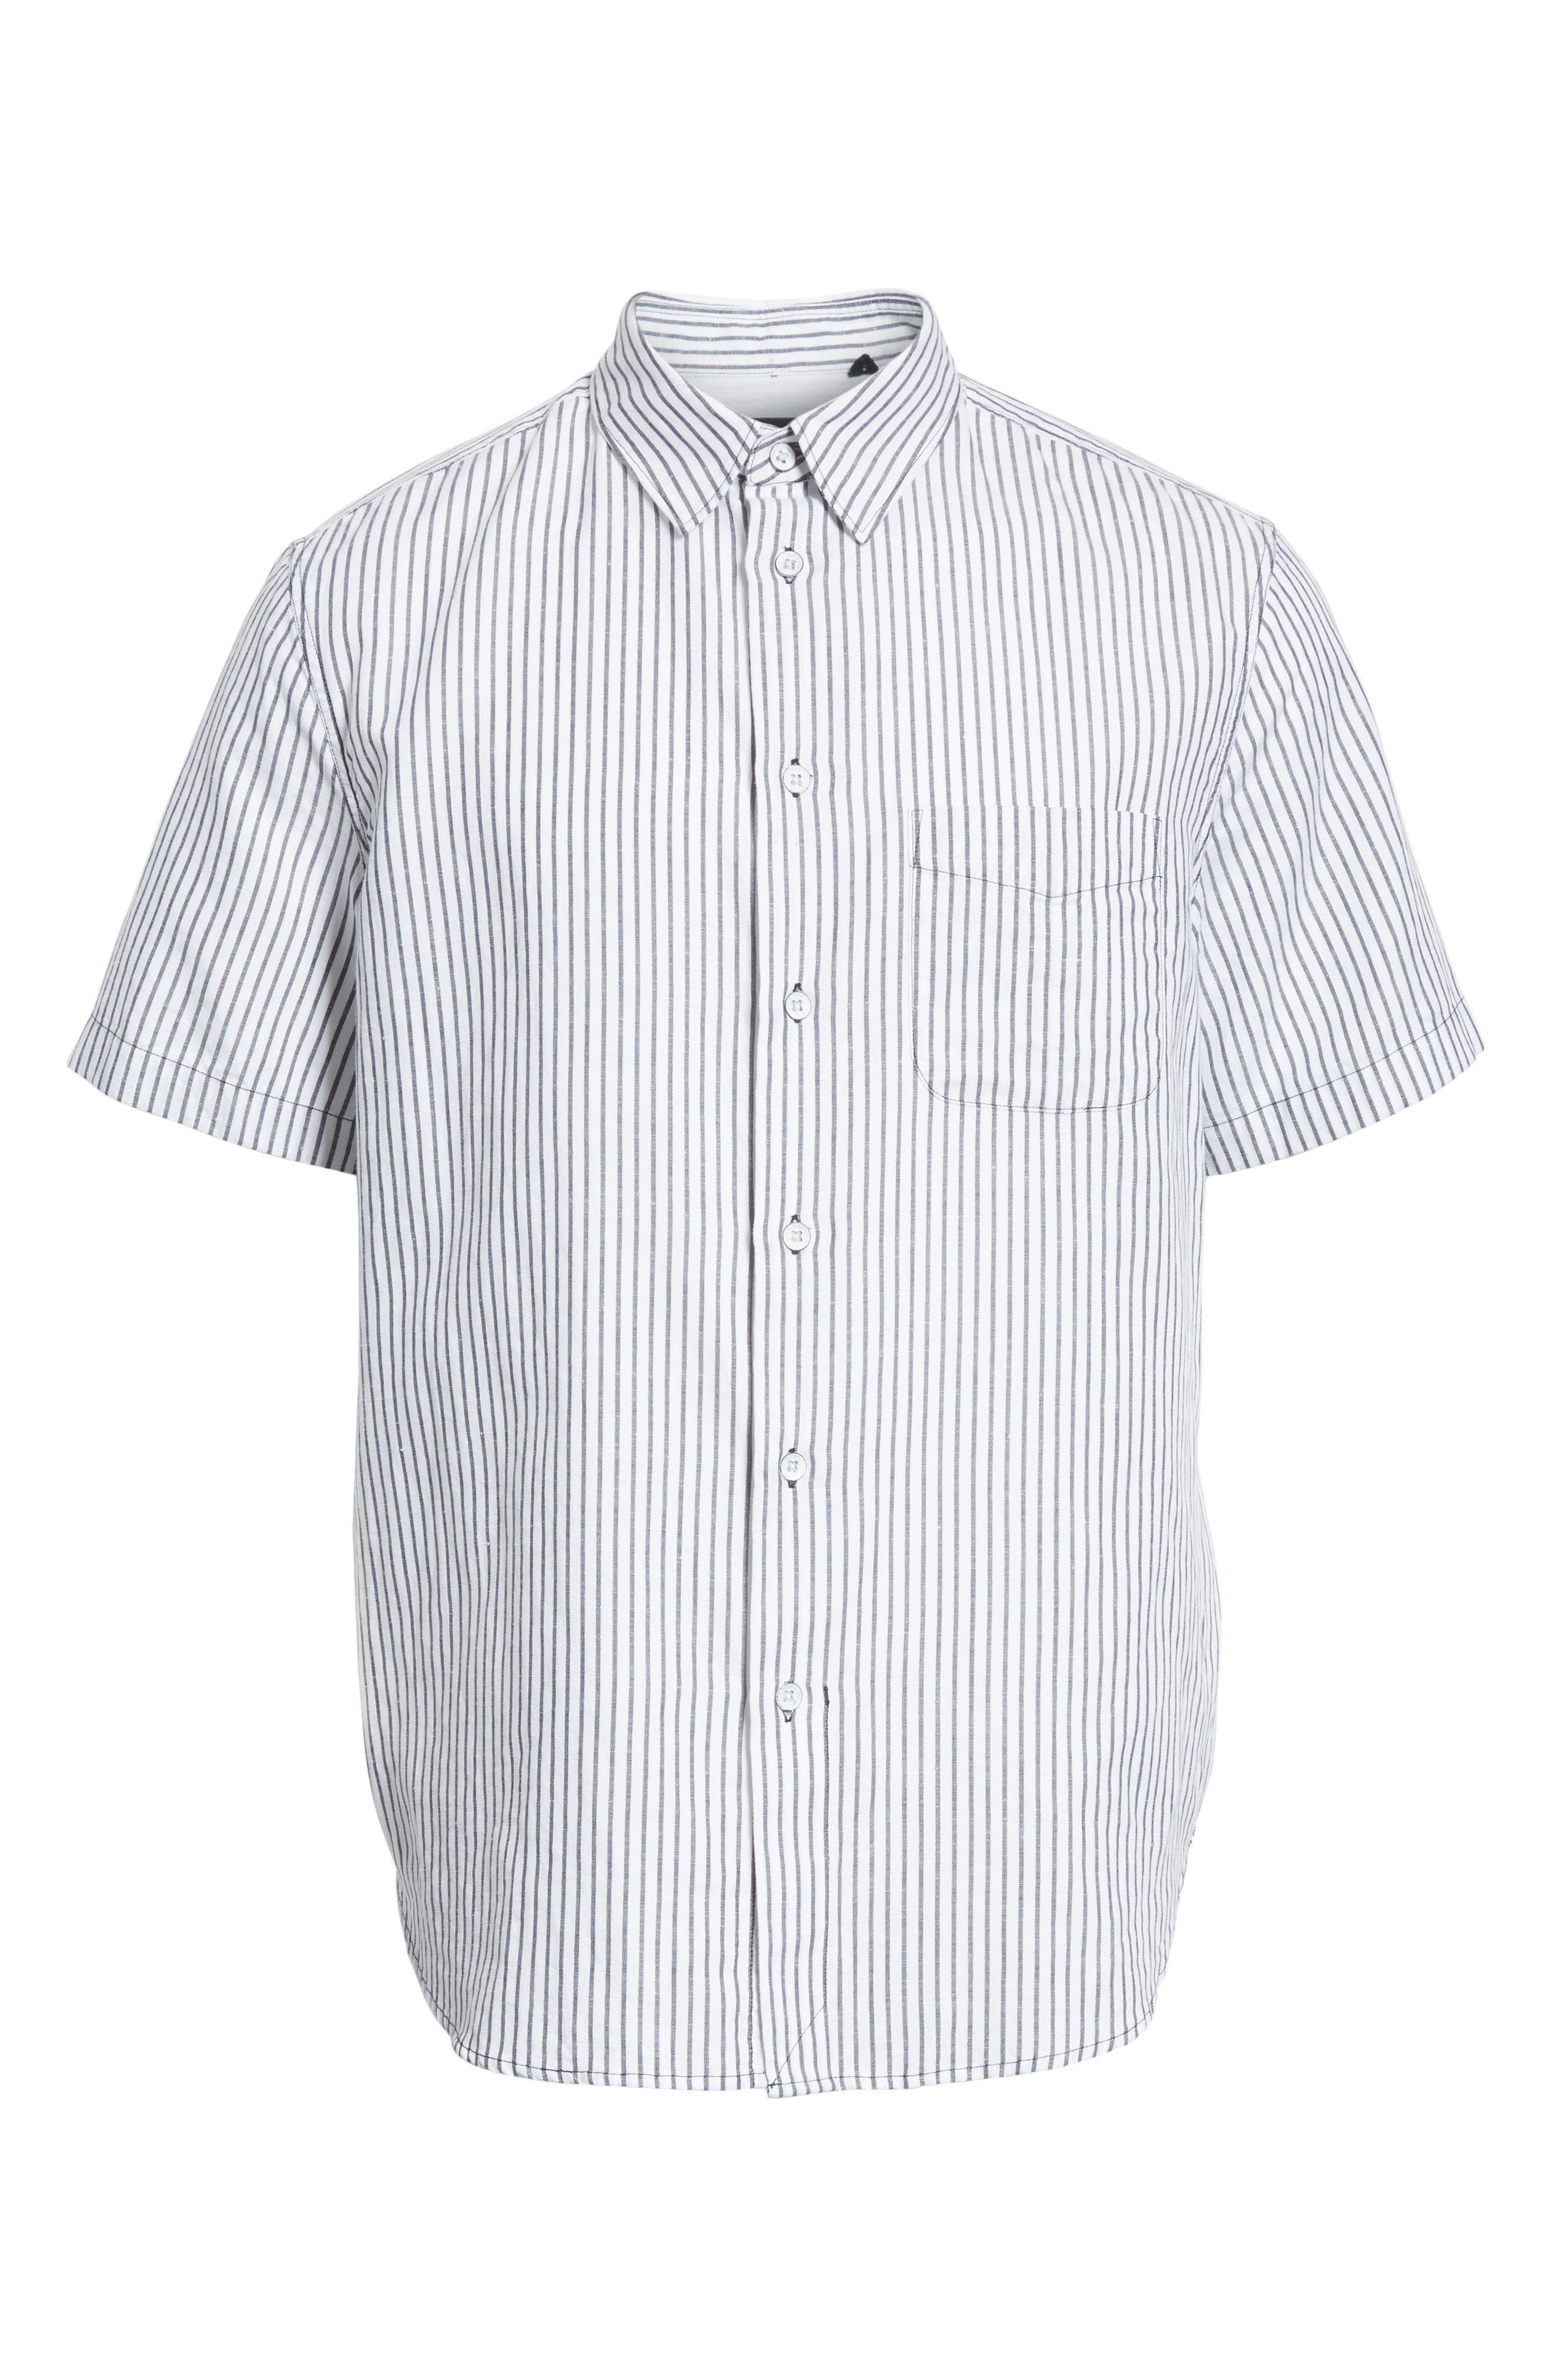 Stripe Short Sleeve Sport Shirt,                             Alternate thumbnail 6, color,                             White/Navy